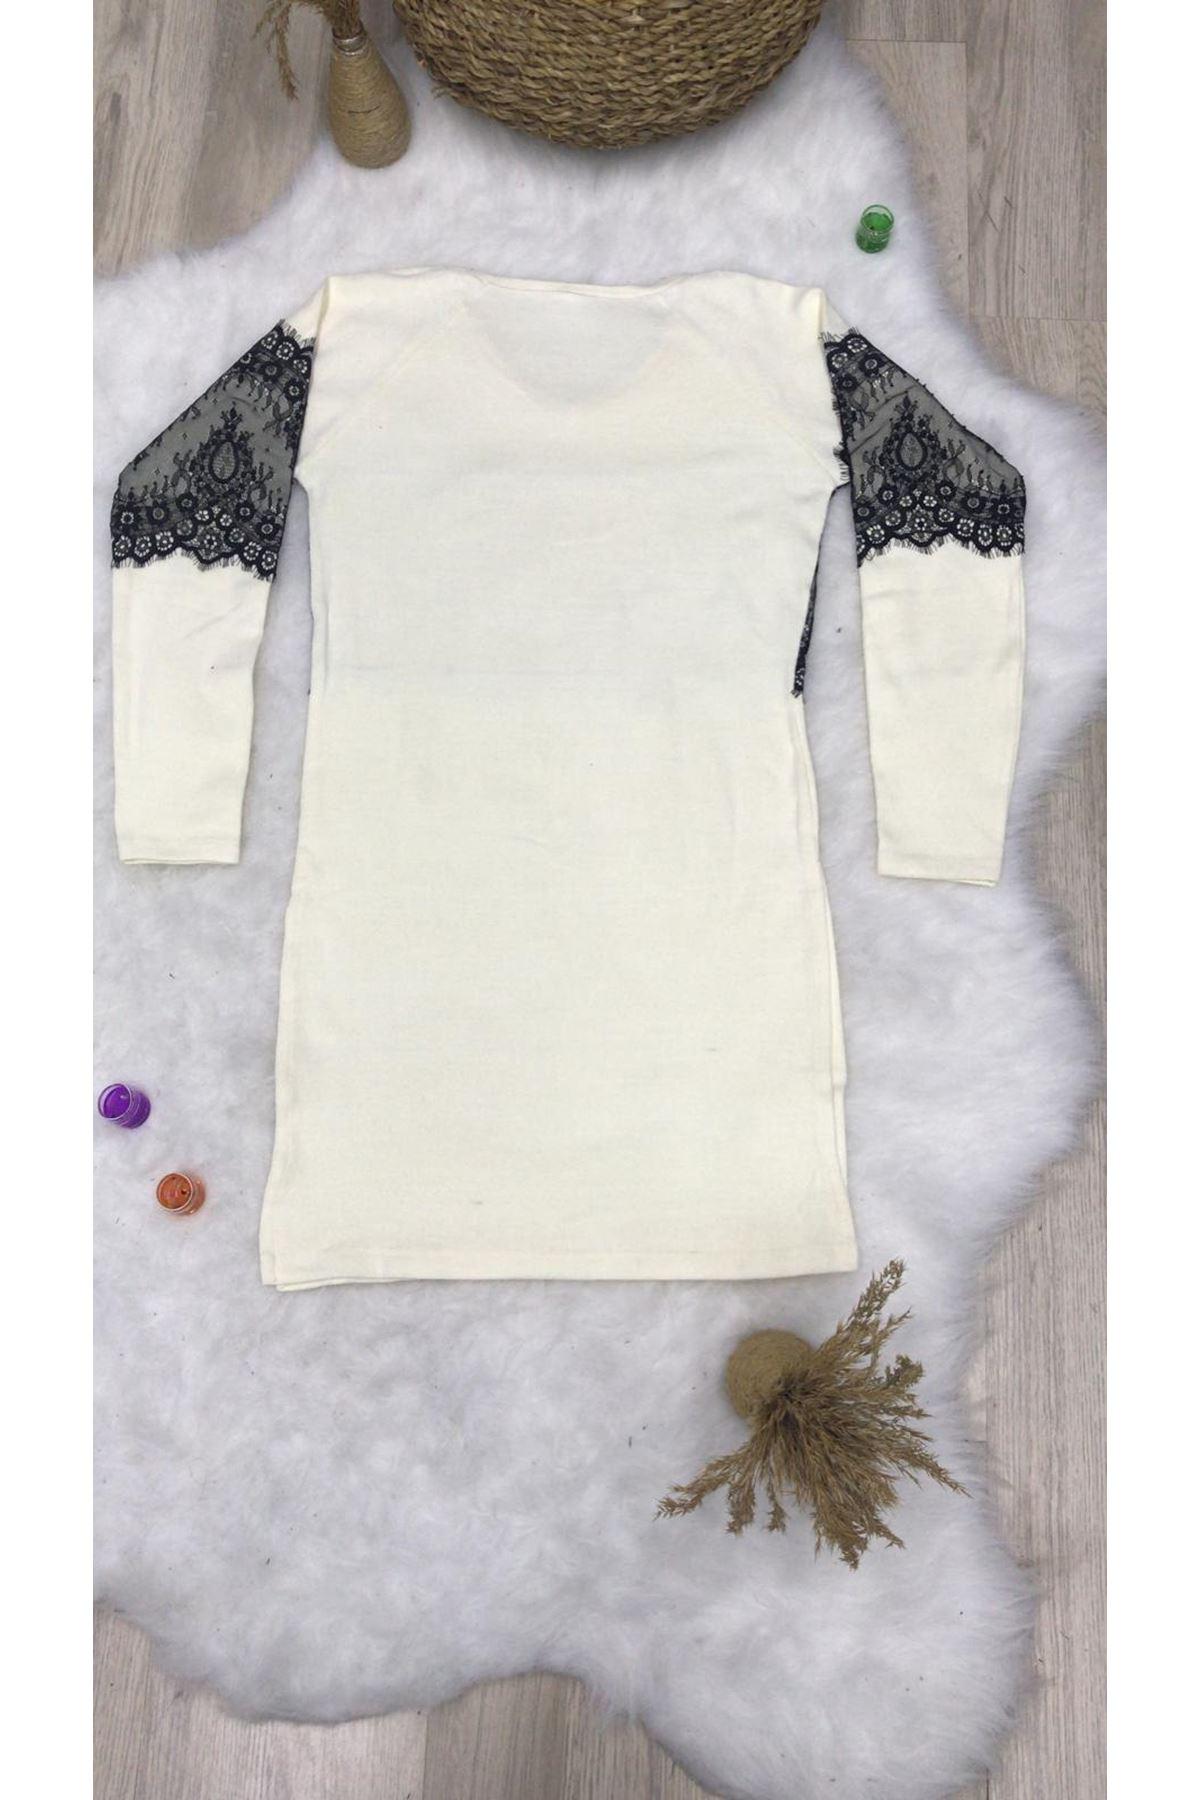 Dantel Şerit Tunik Elbise - beyaz